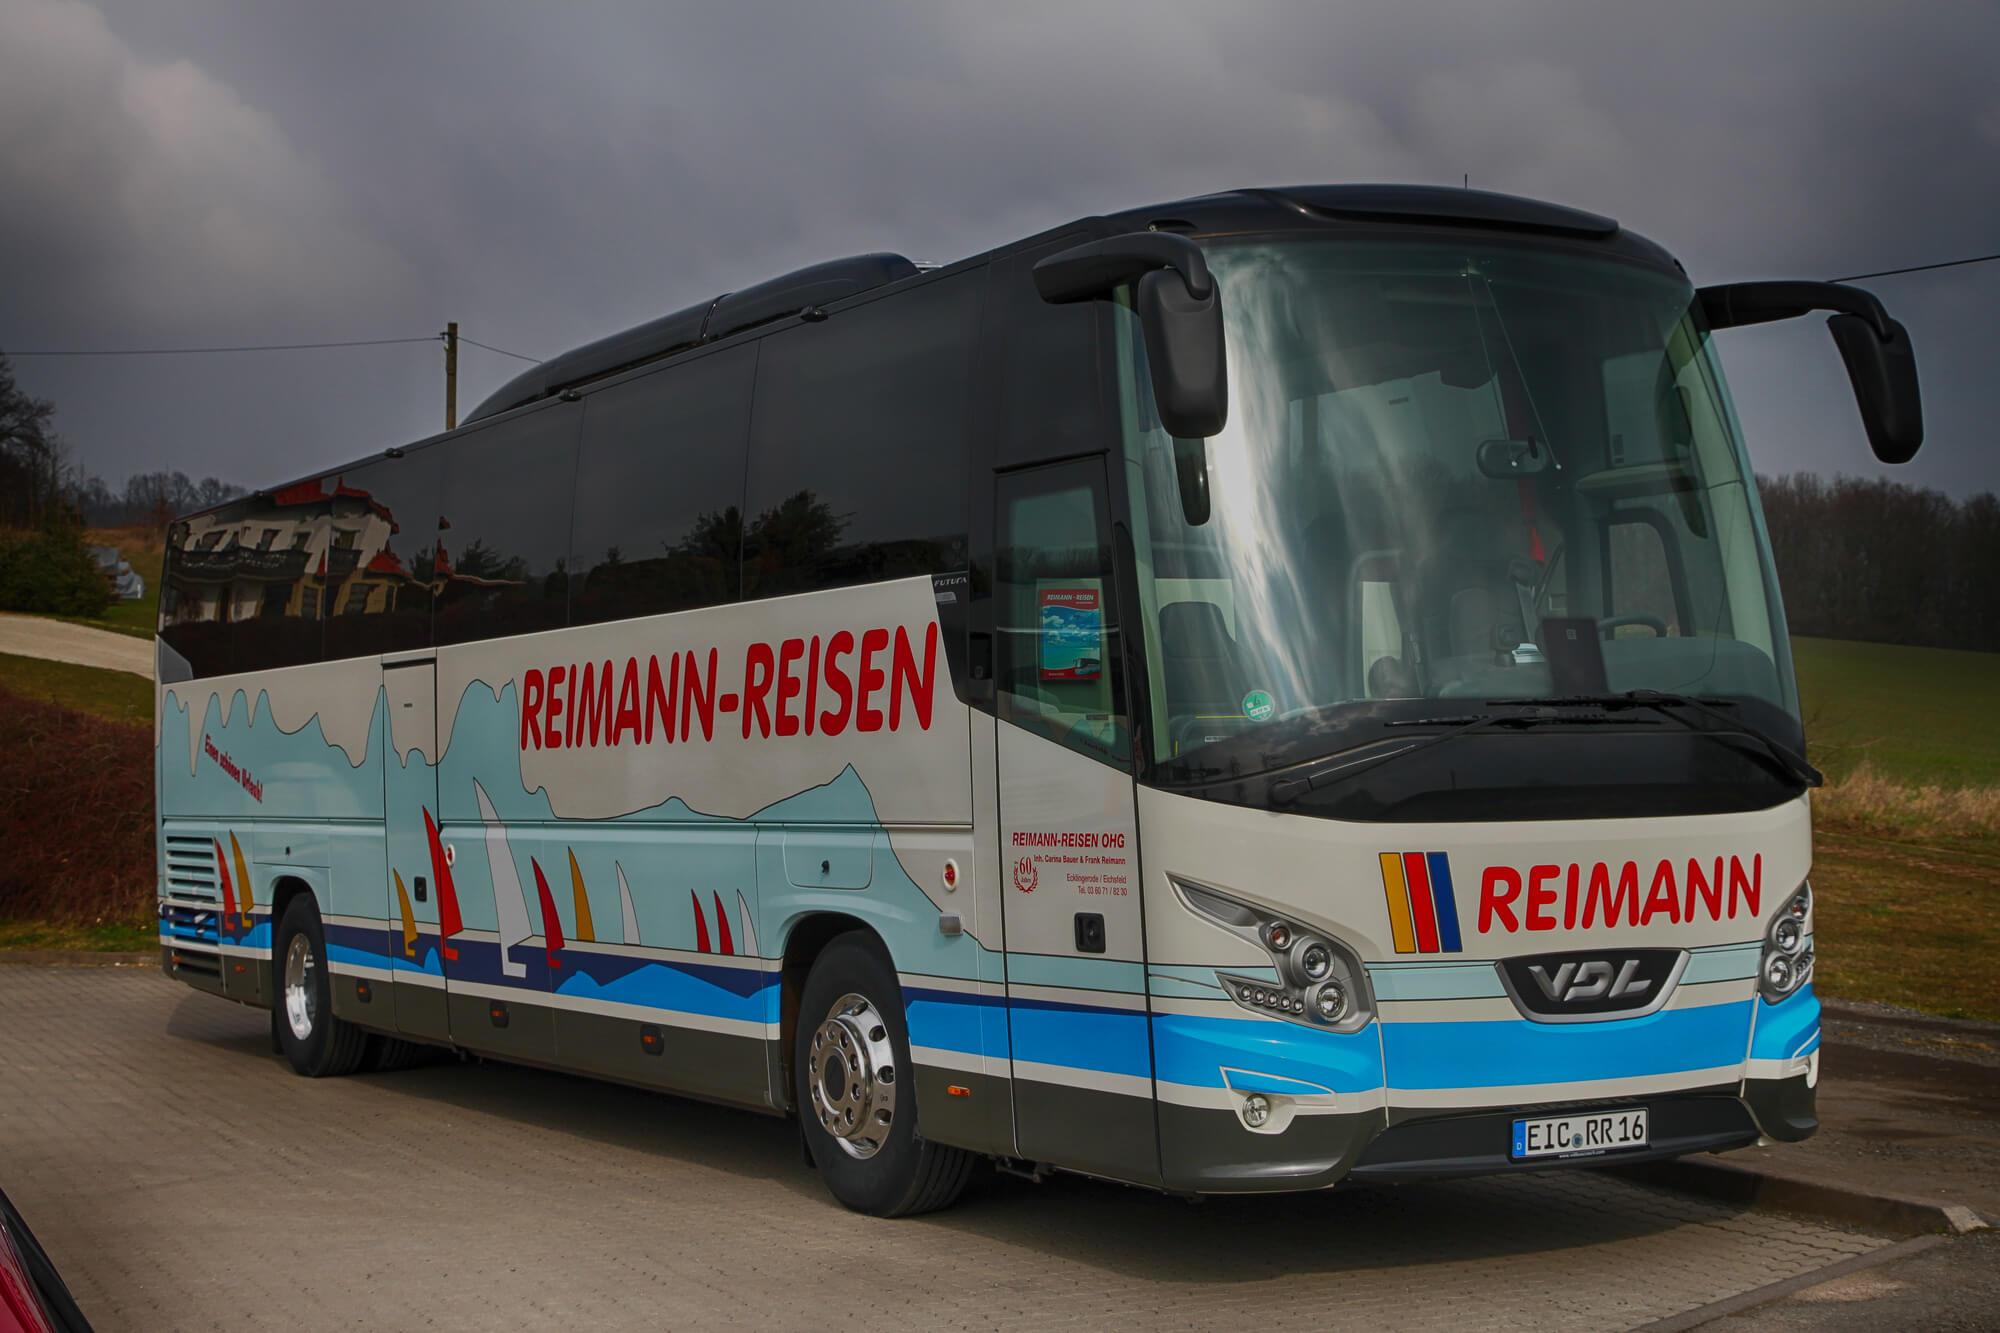 Reimann Reisen Busreise 2